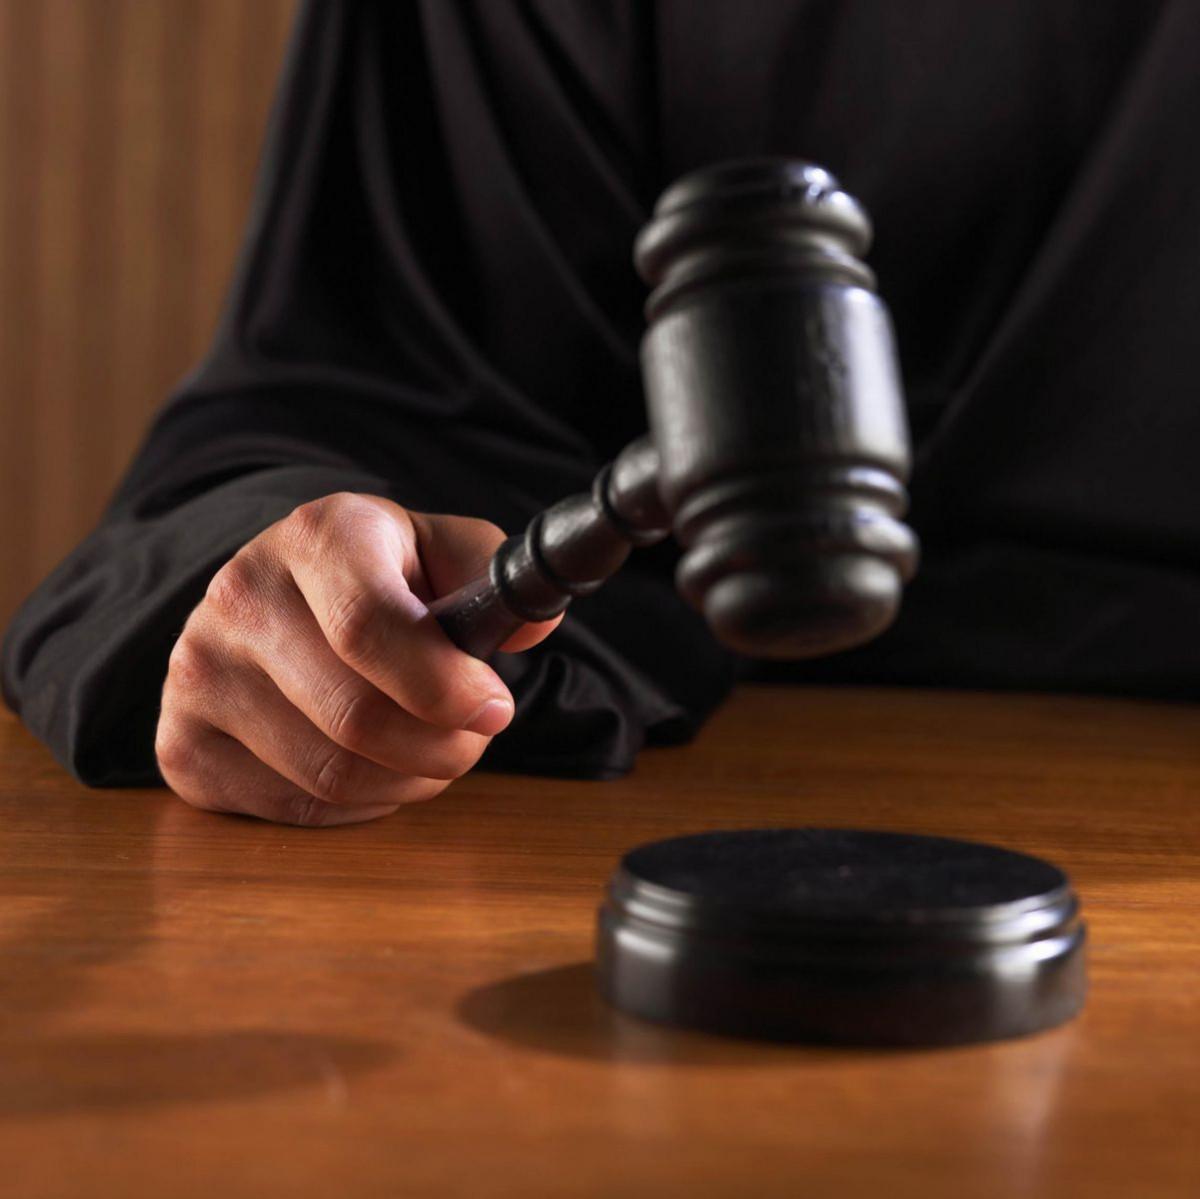 Суд вынес приговор кузбассовцу за смертельное ДТП